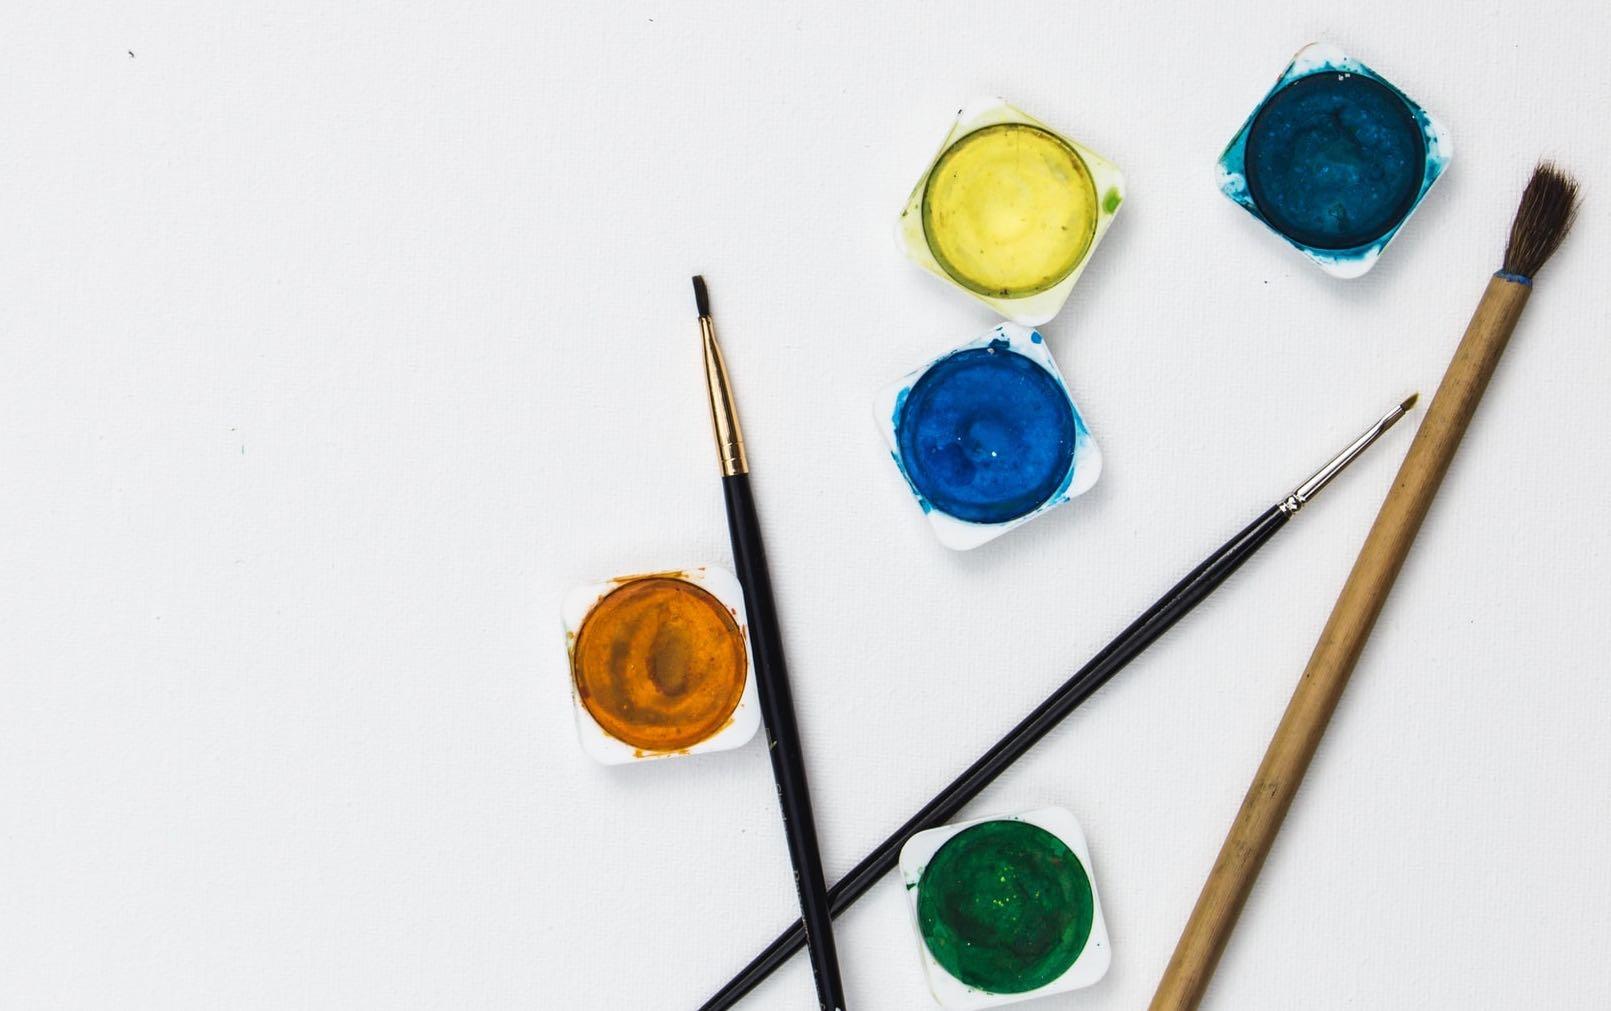 pintor artista ilustrador